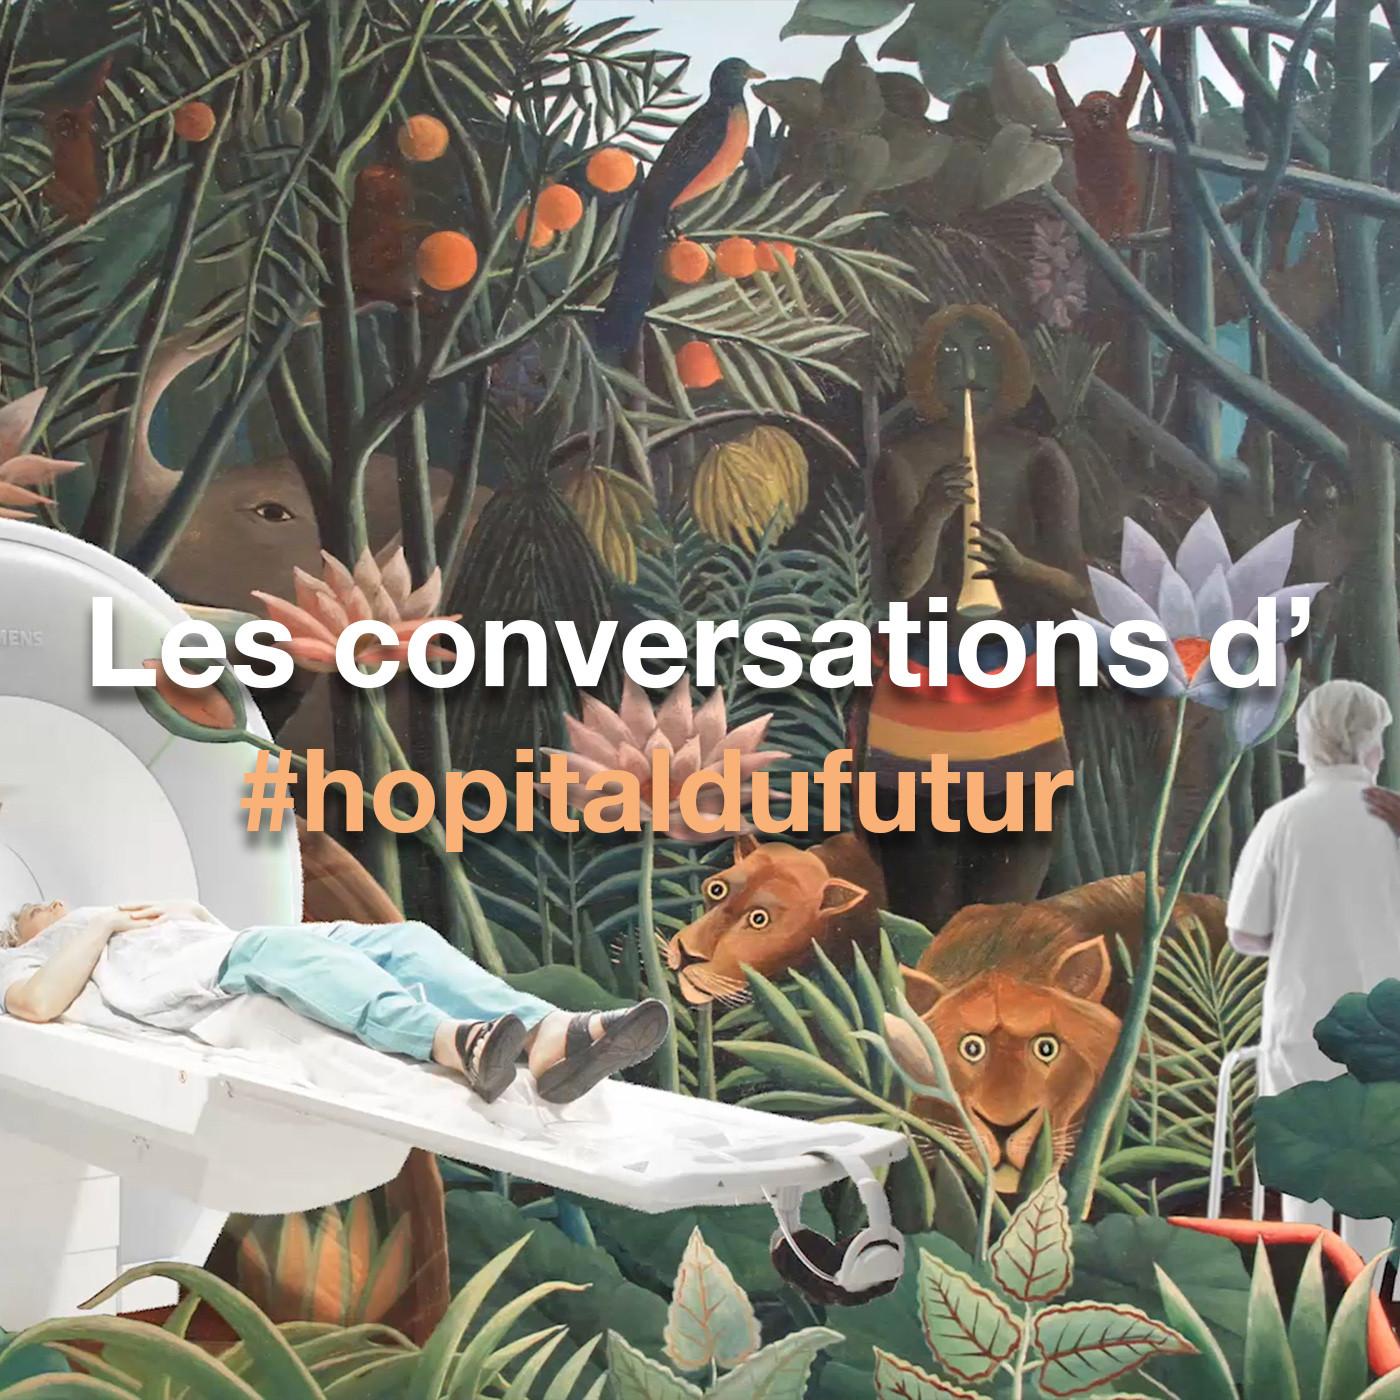 Les conversations d'#hopitaldufutur